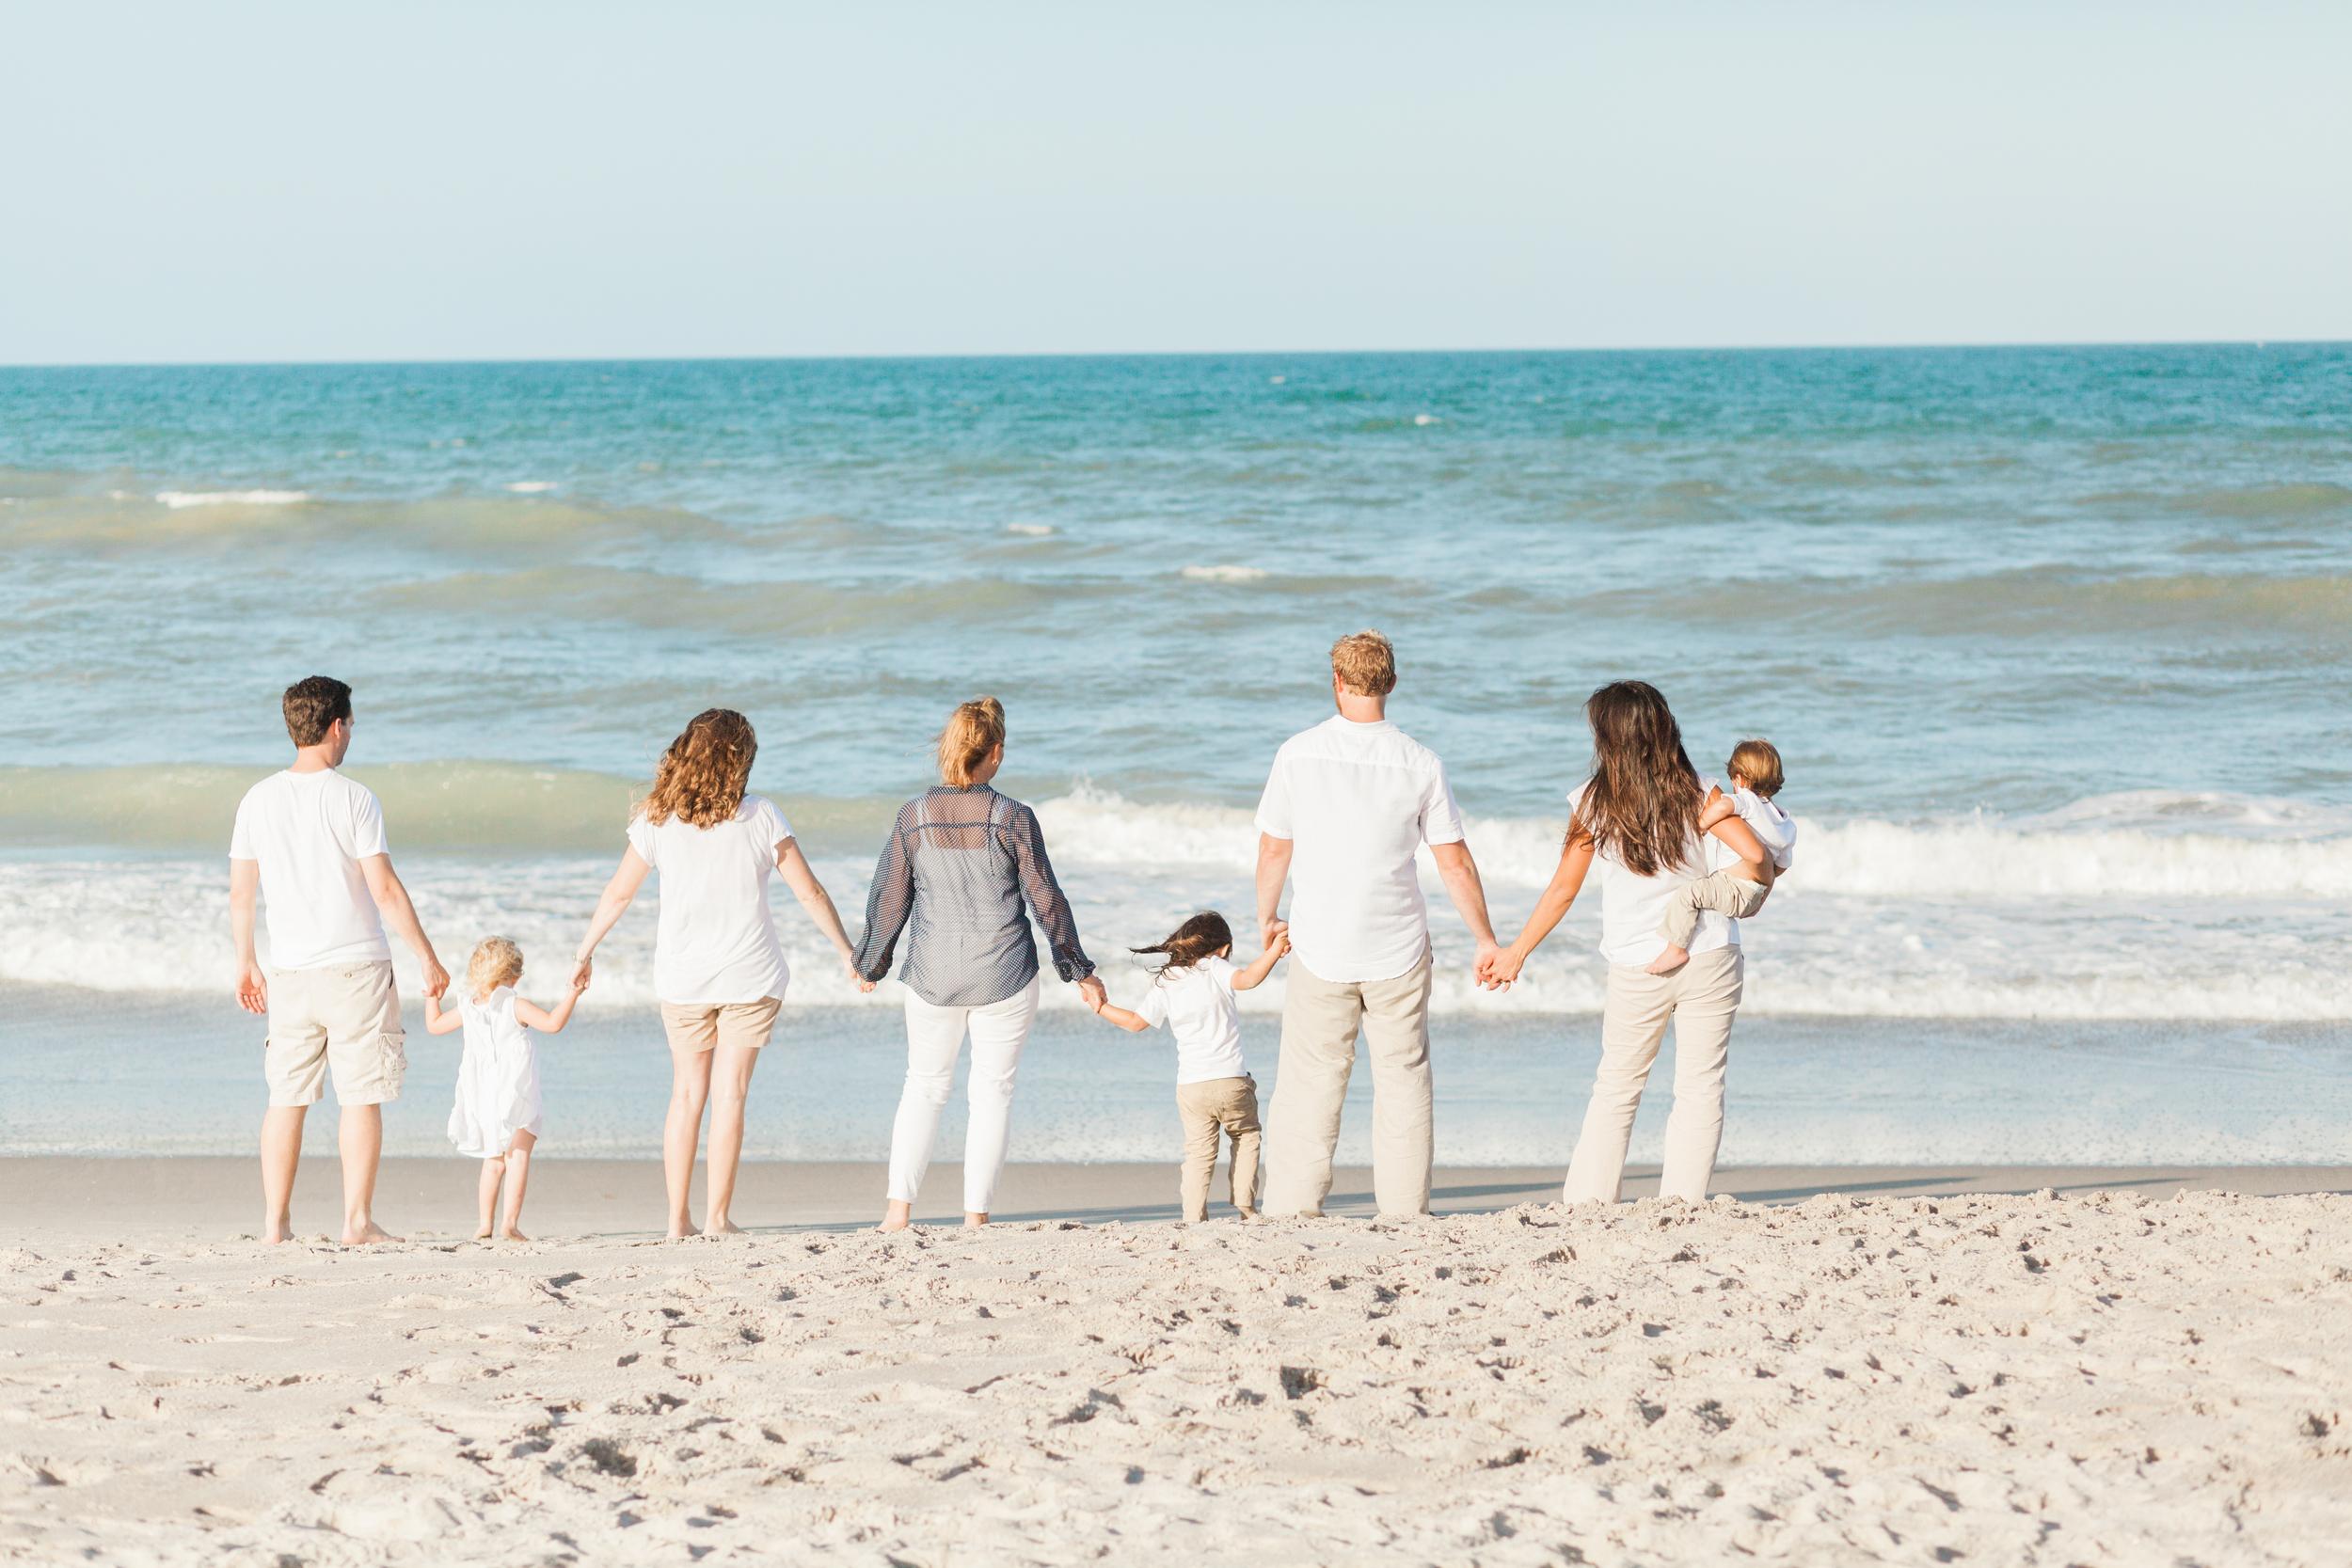 McKee Family Beach Photos | Melbourne, Florida | Michelle Mock Photography